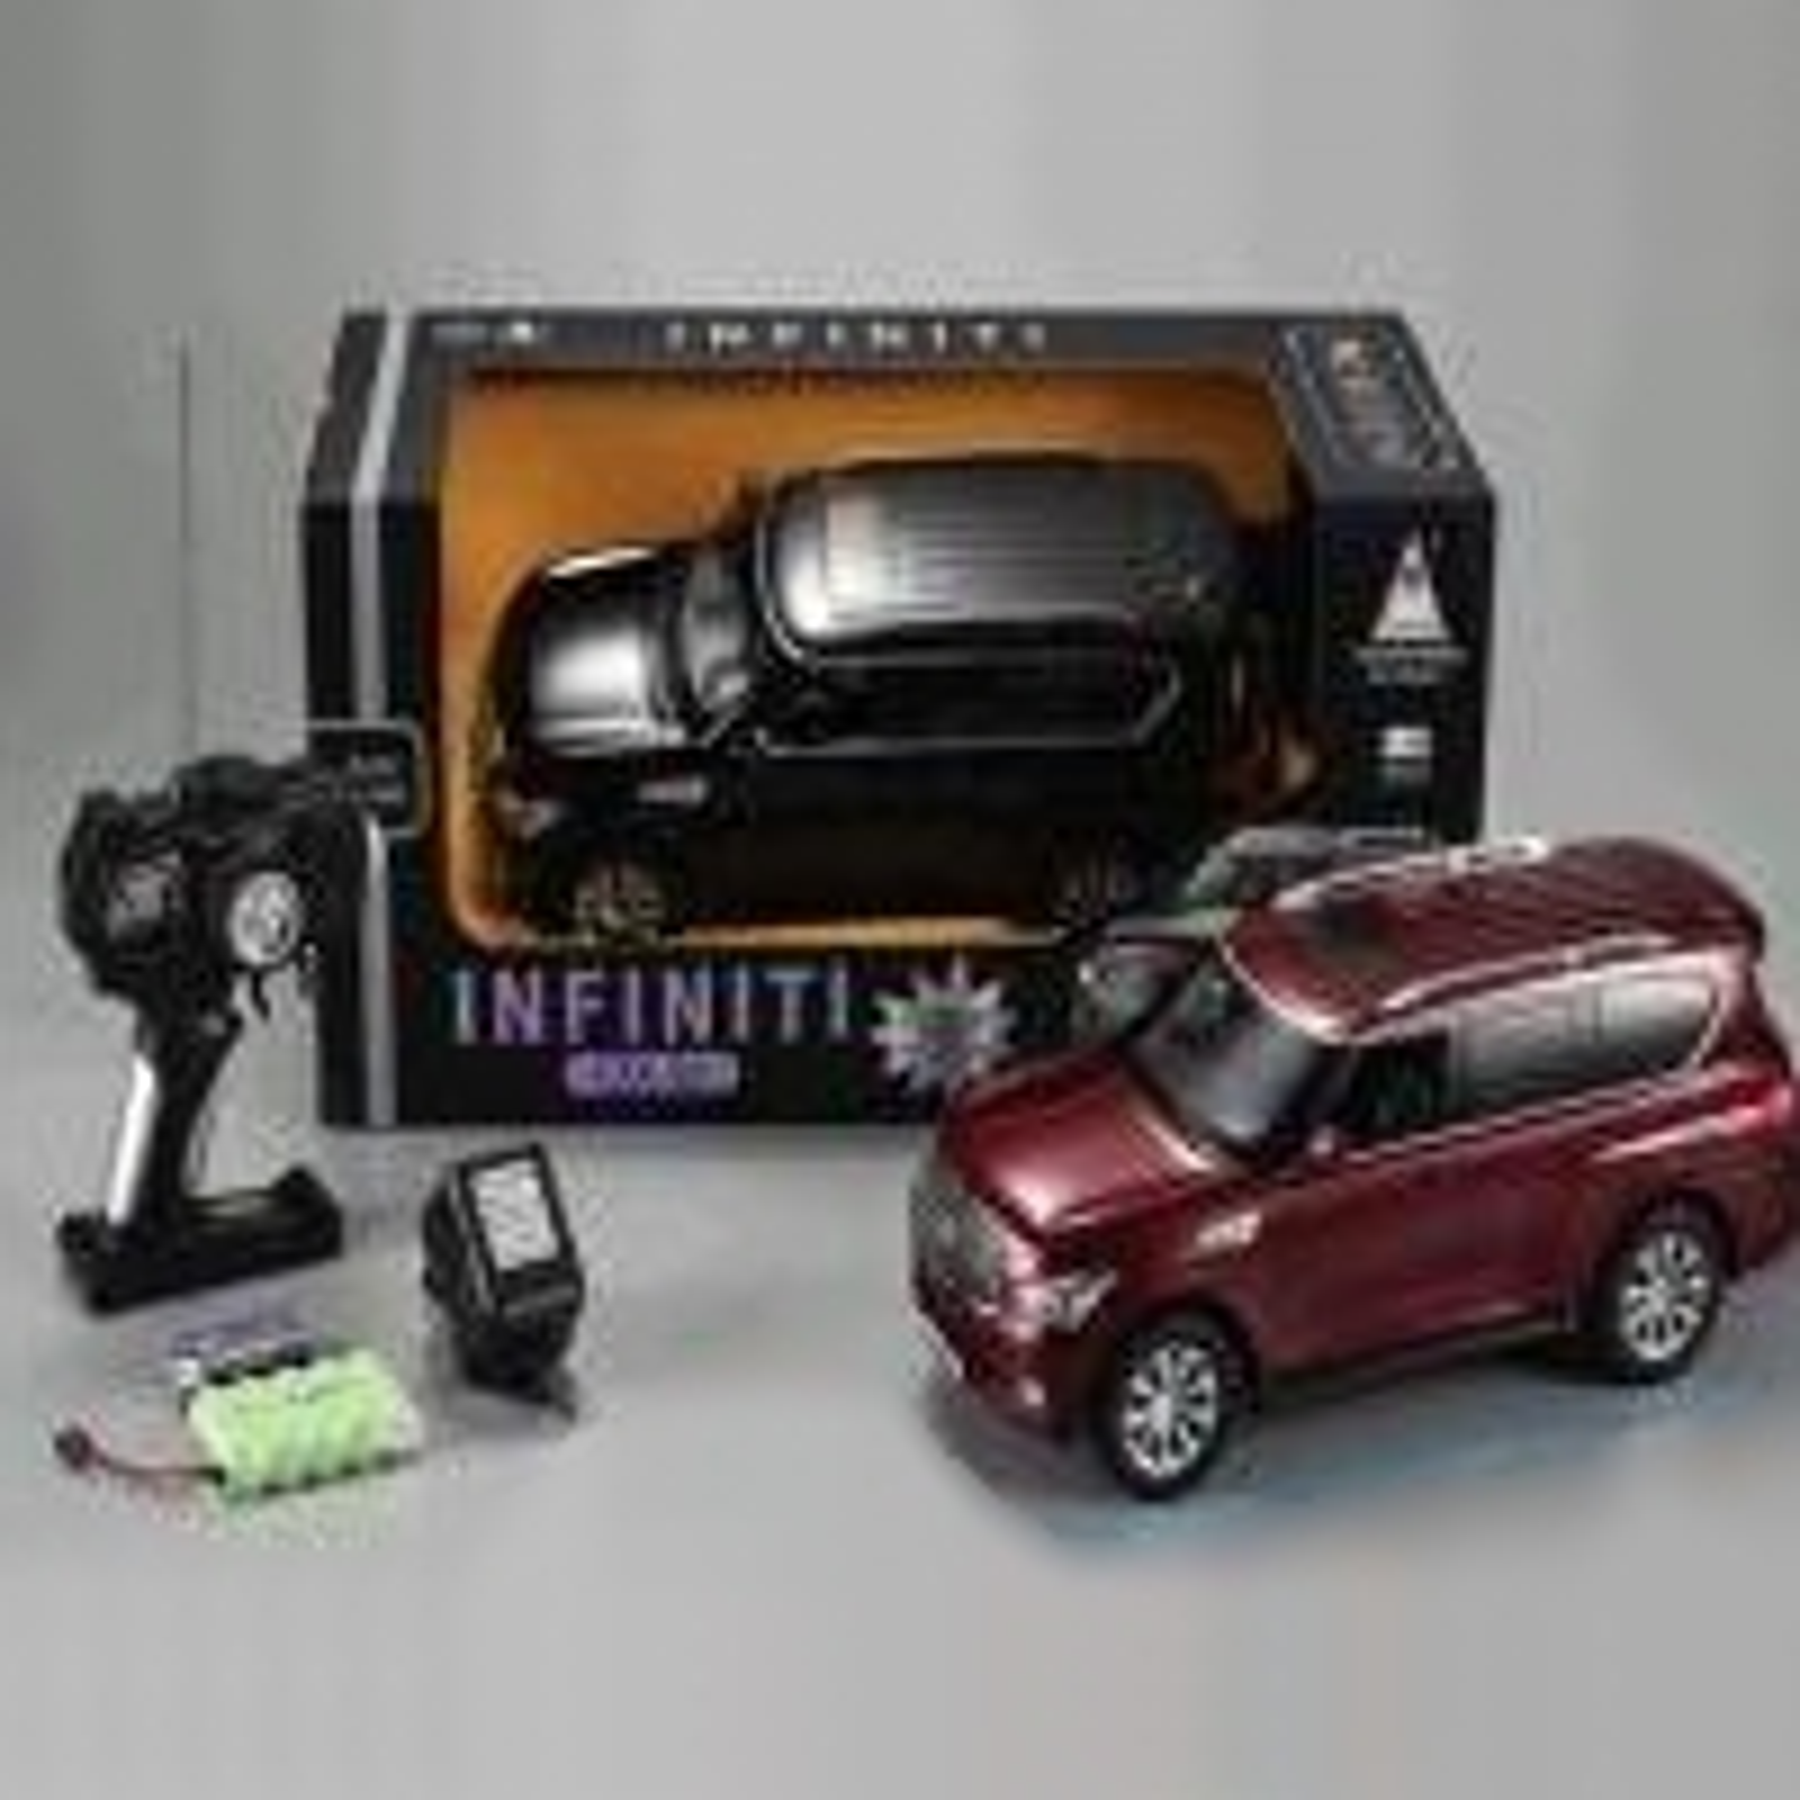 Автомобиль пластмассовый на Р/У модель Infinity QX56  300308-1 (357746)